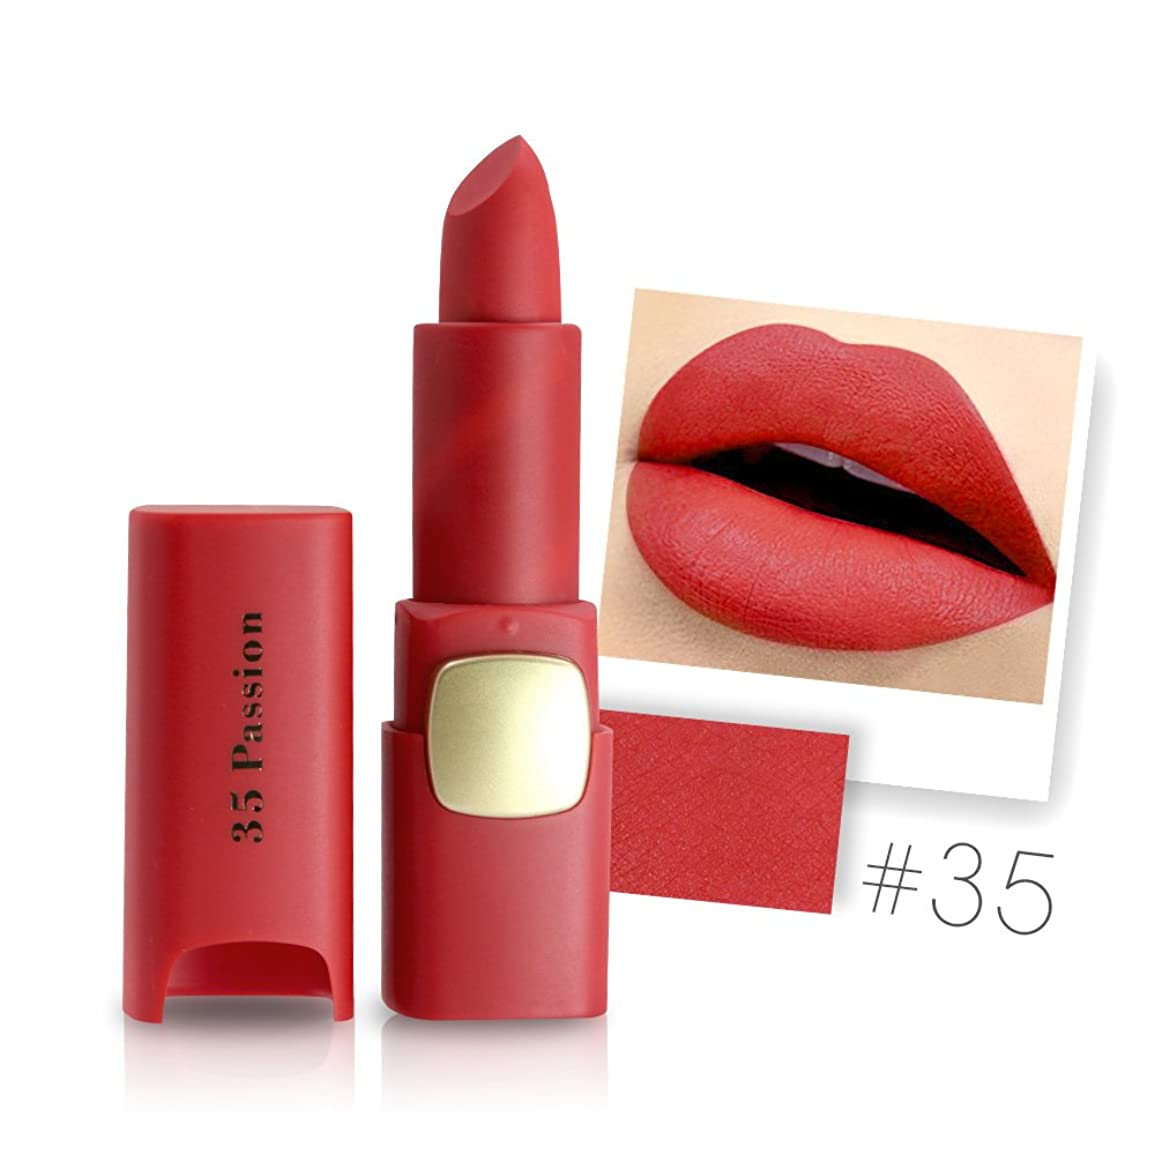 社員温かい乞食Miss Rose Brand Matte Lipstick Waterproof Lips Moisturizing Easy To Wear Makeup Lip Sticks Gloss Lipsticks Cosmetic